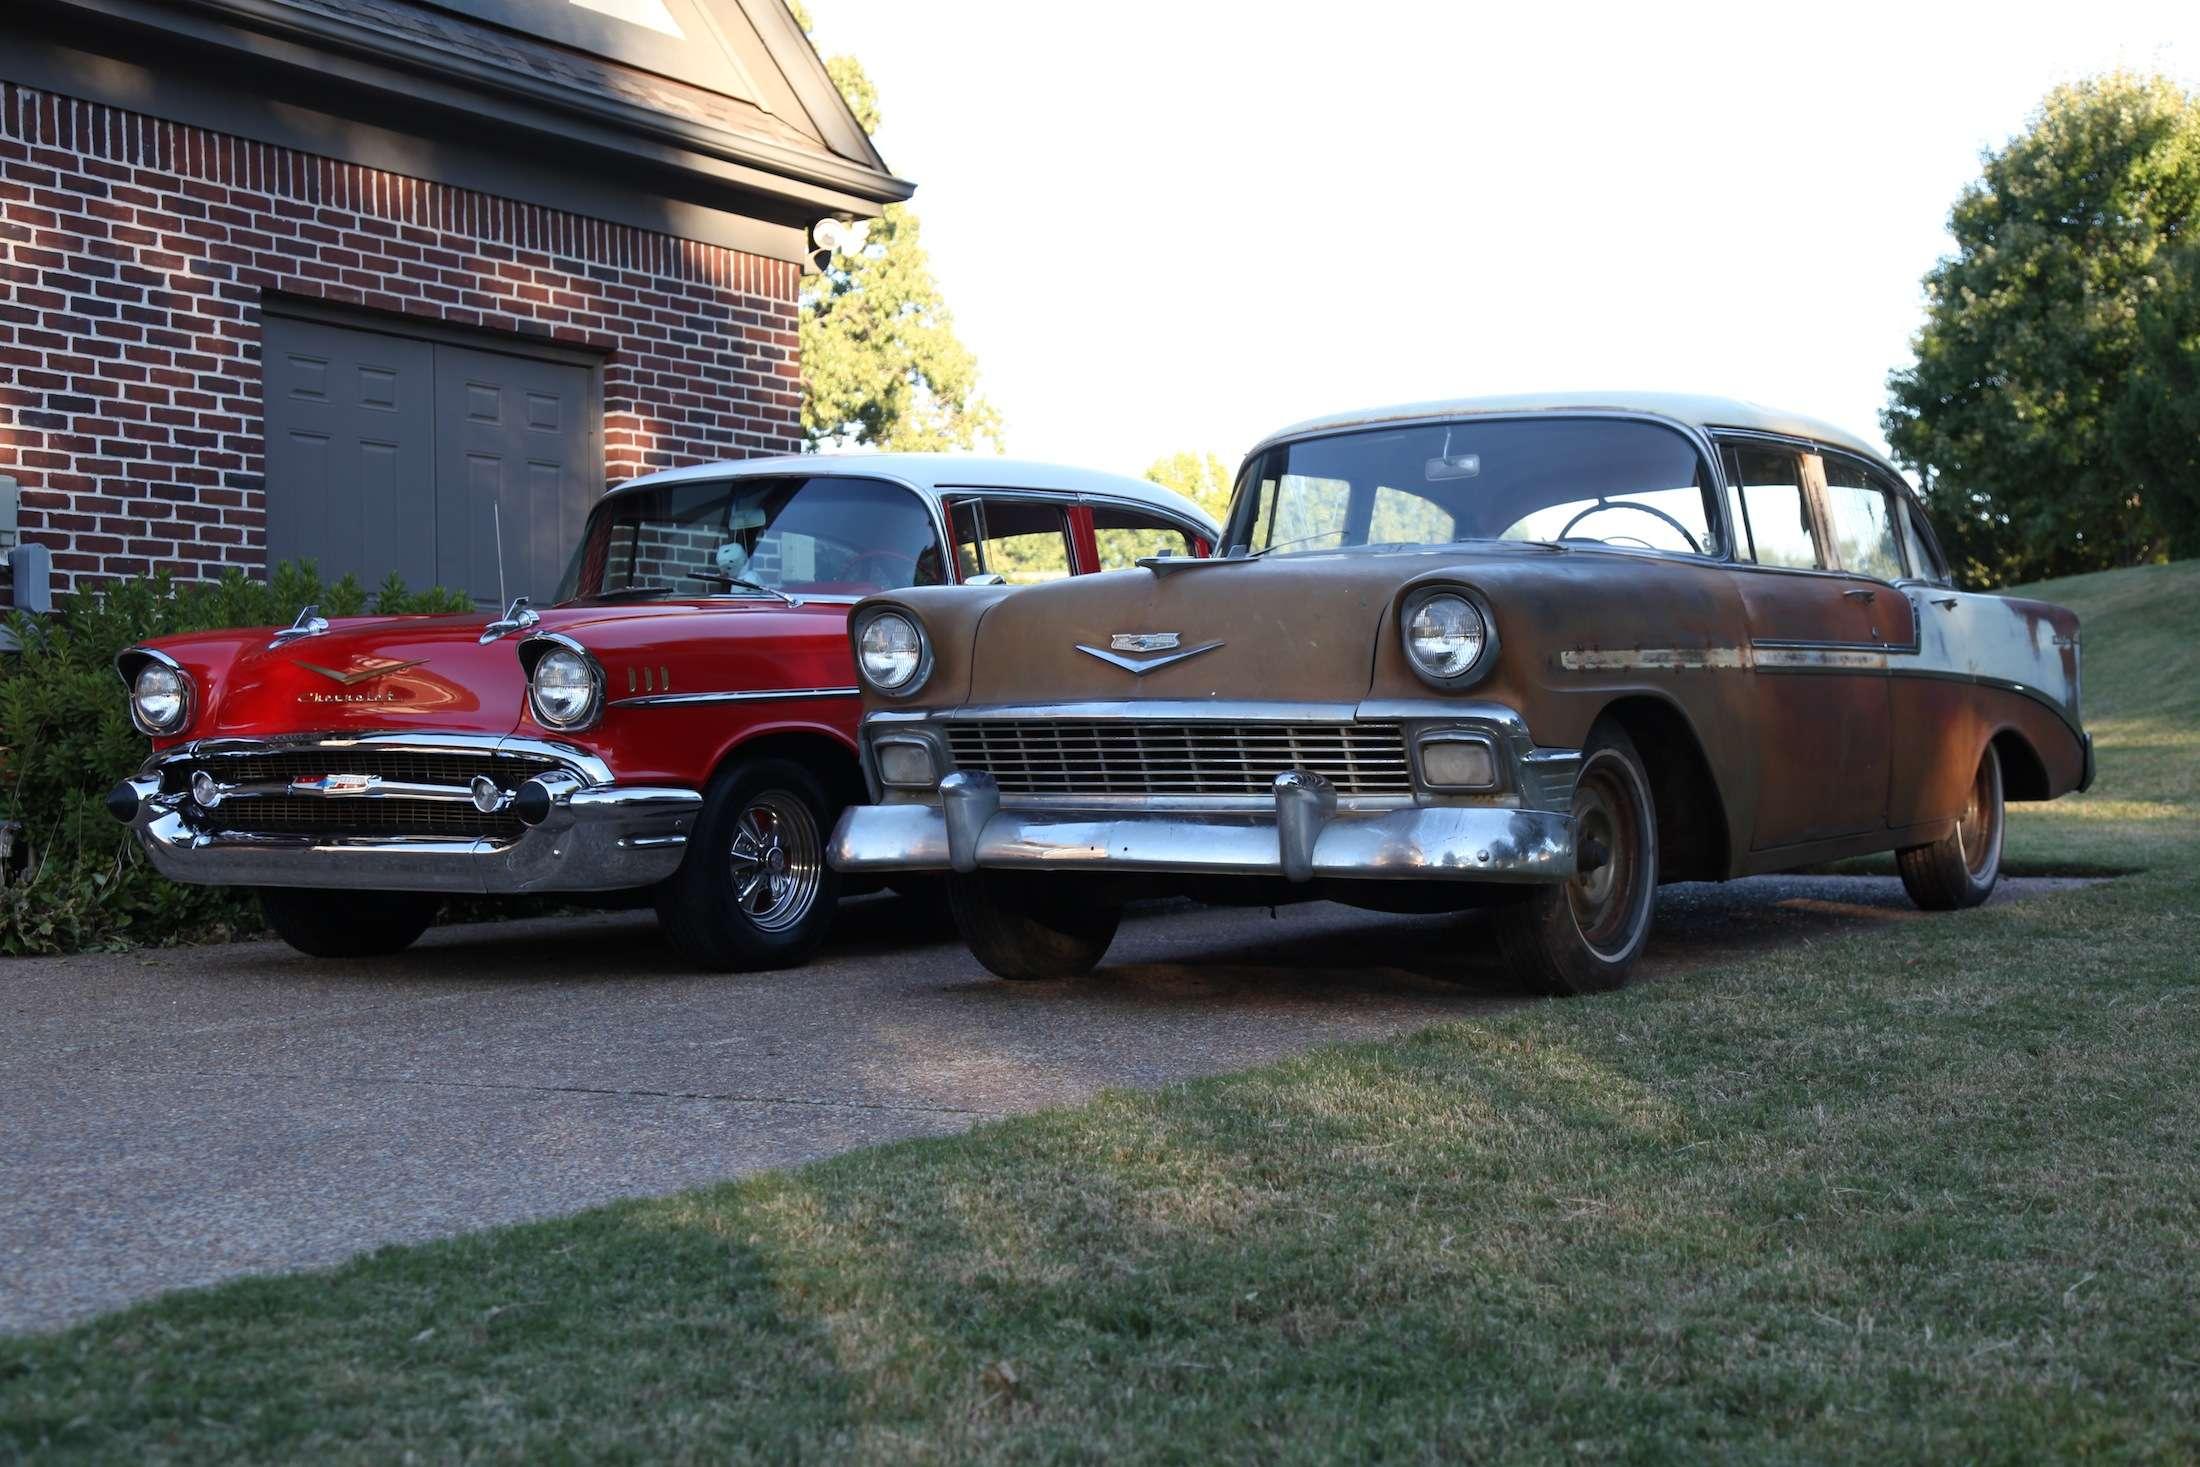 1956 chevrolet bel air 4 door hardtop 113233 - Chevywt 56 Bel Air 4 Door Project Archive Trifive Com 1955 Chevy 1956 Chevy 1957 Chevy Forum Talk About Your 55 Chevy 56 Chevy 57 Chevy Belair